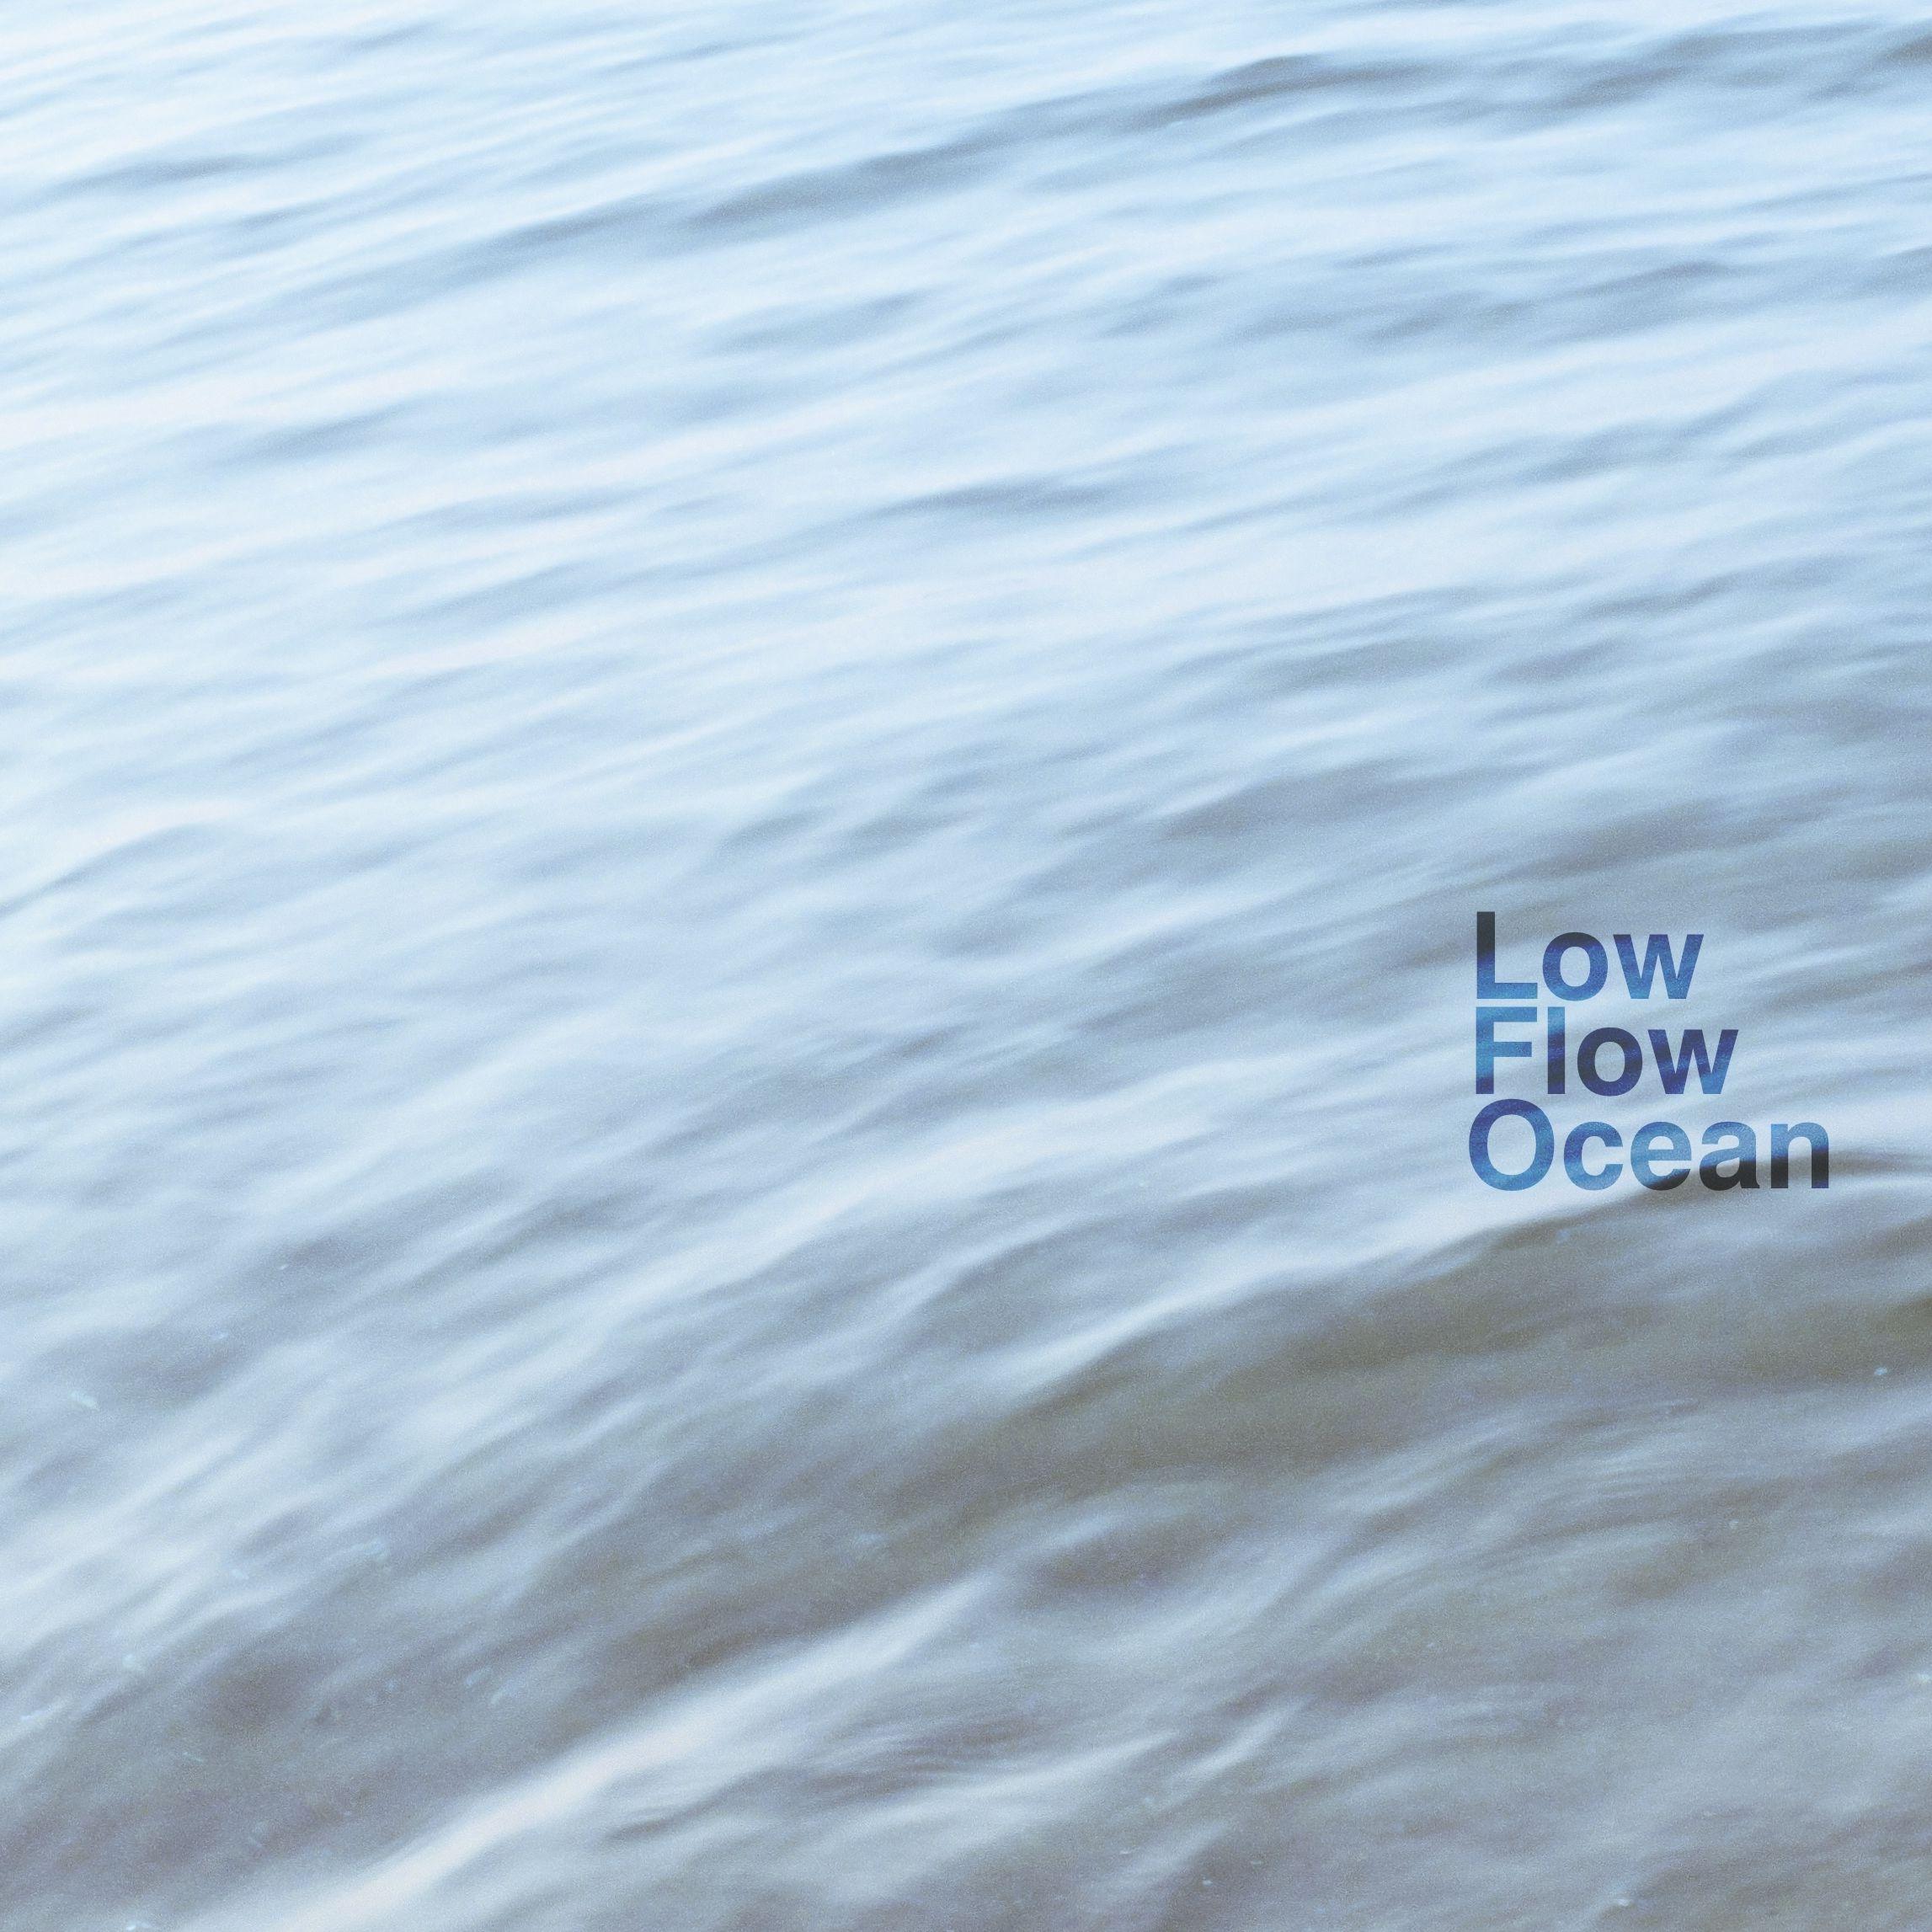 Low Flow Ocean